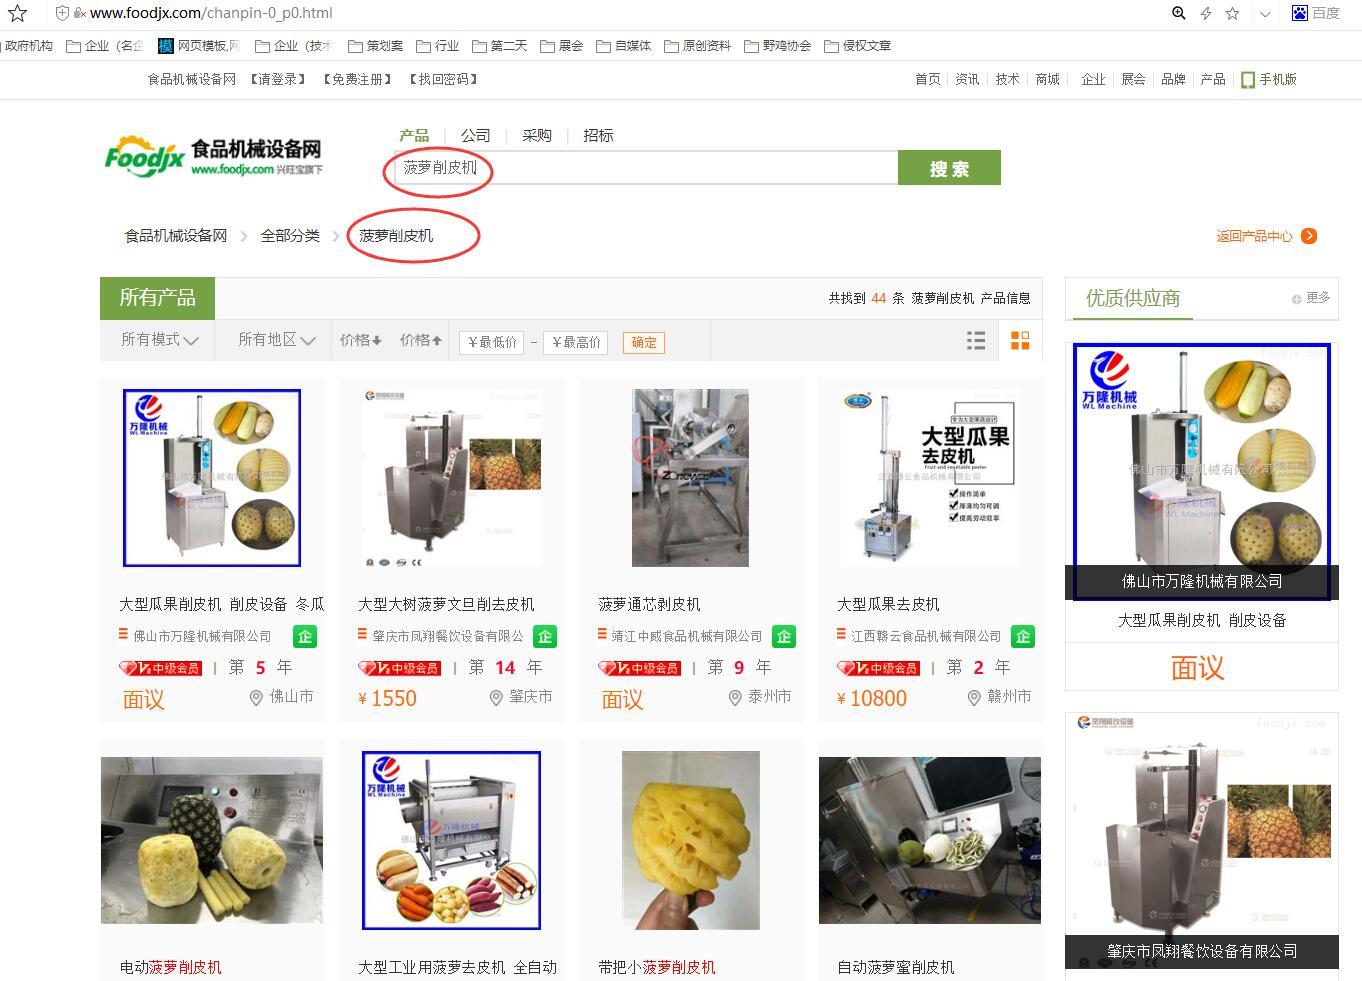 食品机械企业需抓住特殊时期网络营销机遇